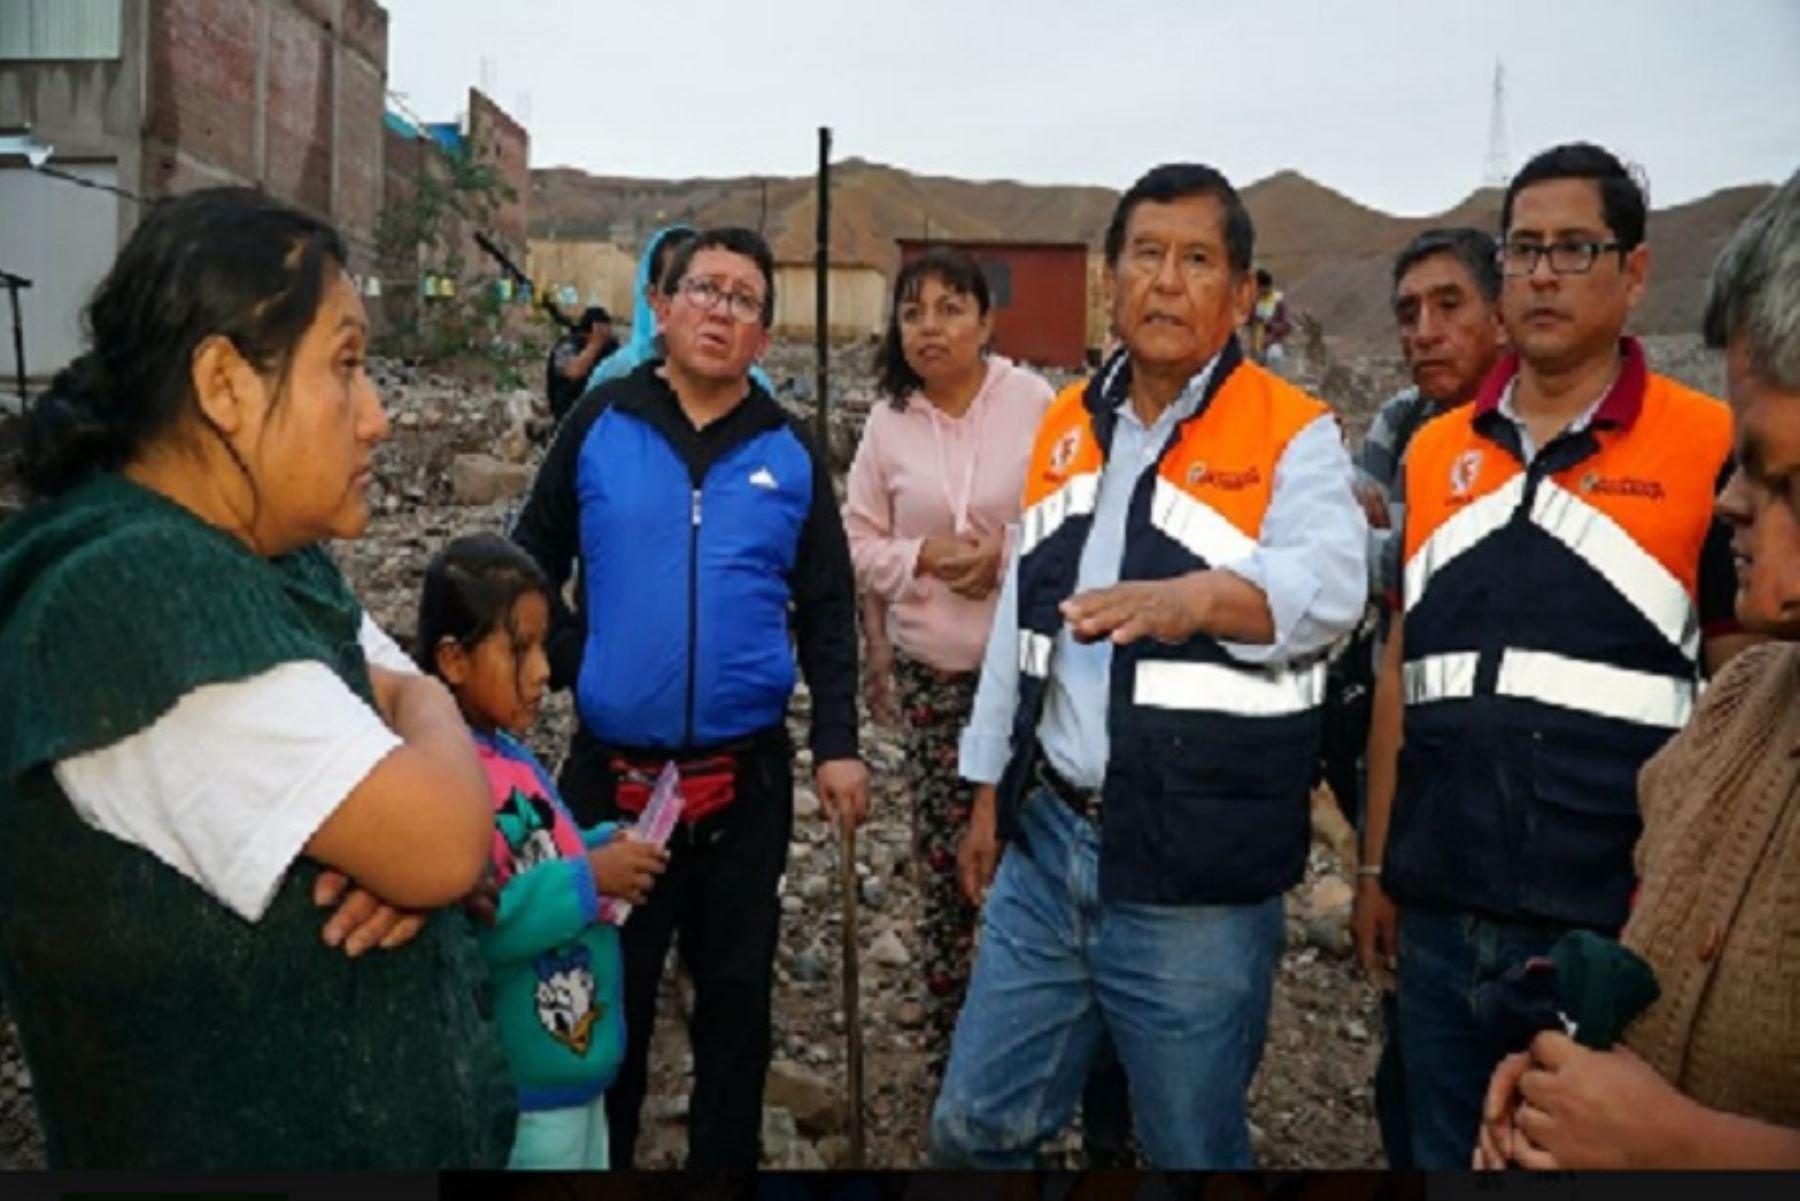 Al menos 105 familias afectadas y 10 familias damnificadas en el cercado de Moquegua, sector Villa Hospitalaria y El Pedregal, por el desborde del río Moquegua; así como alrededor de 500 familias afectadas en el distrito de Samegua por el ingreso de un huaico debido a la activación de quebradas, es el reporte preliminar de la Plataforma Regional de Defensa Civil.